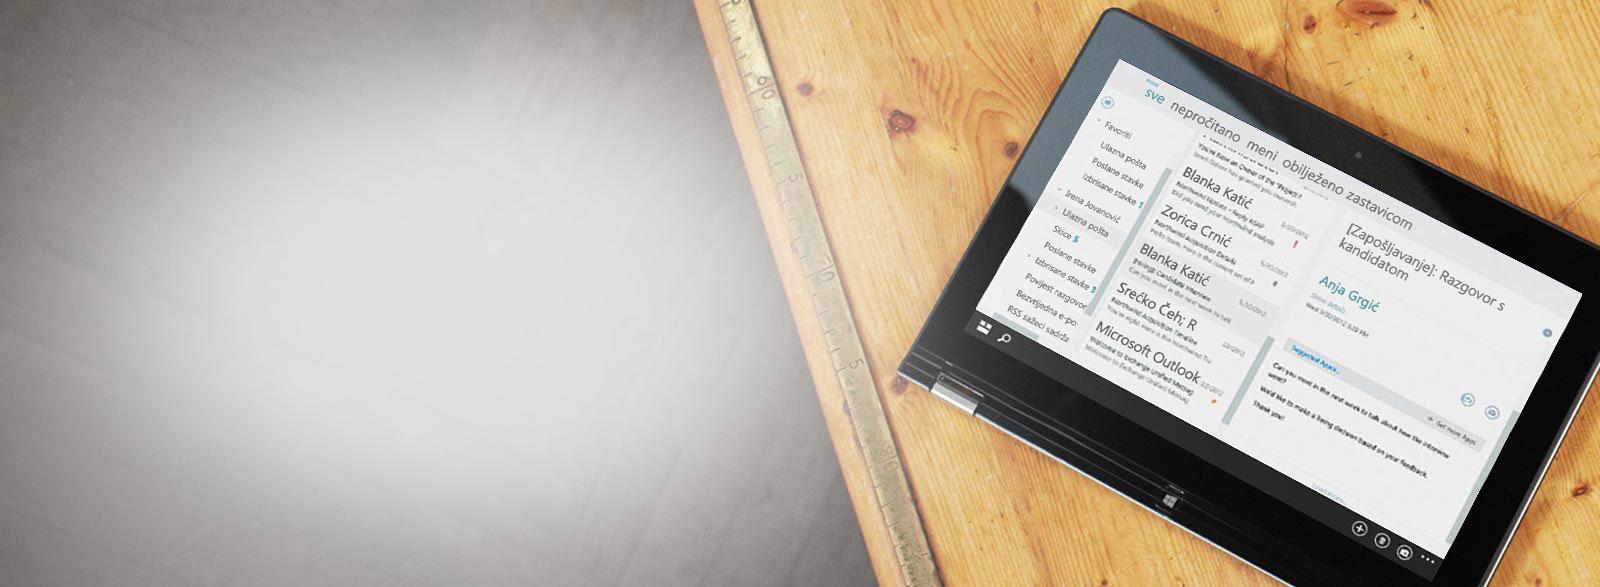 Tablet na stolu s prikazom poslovne ulazne pošte sustava Exchange u krupnom planu.